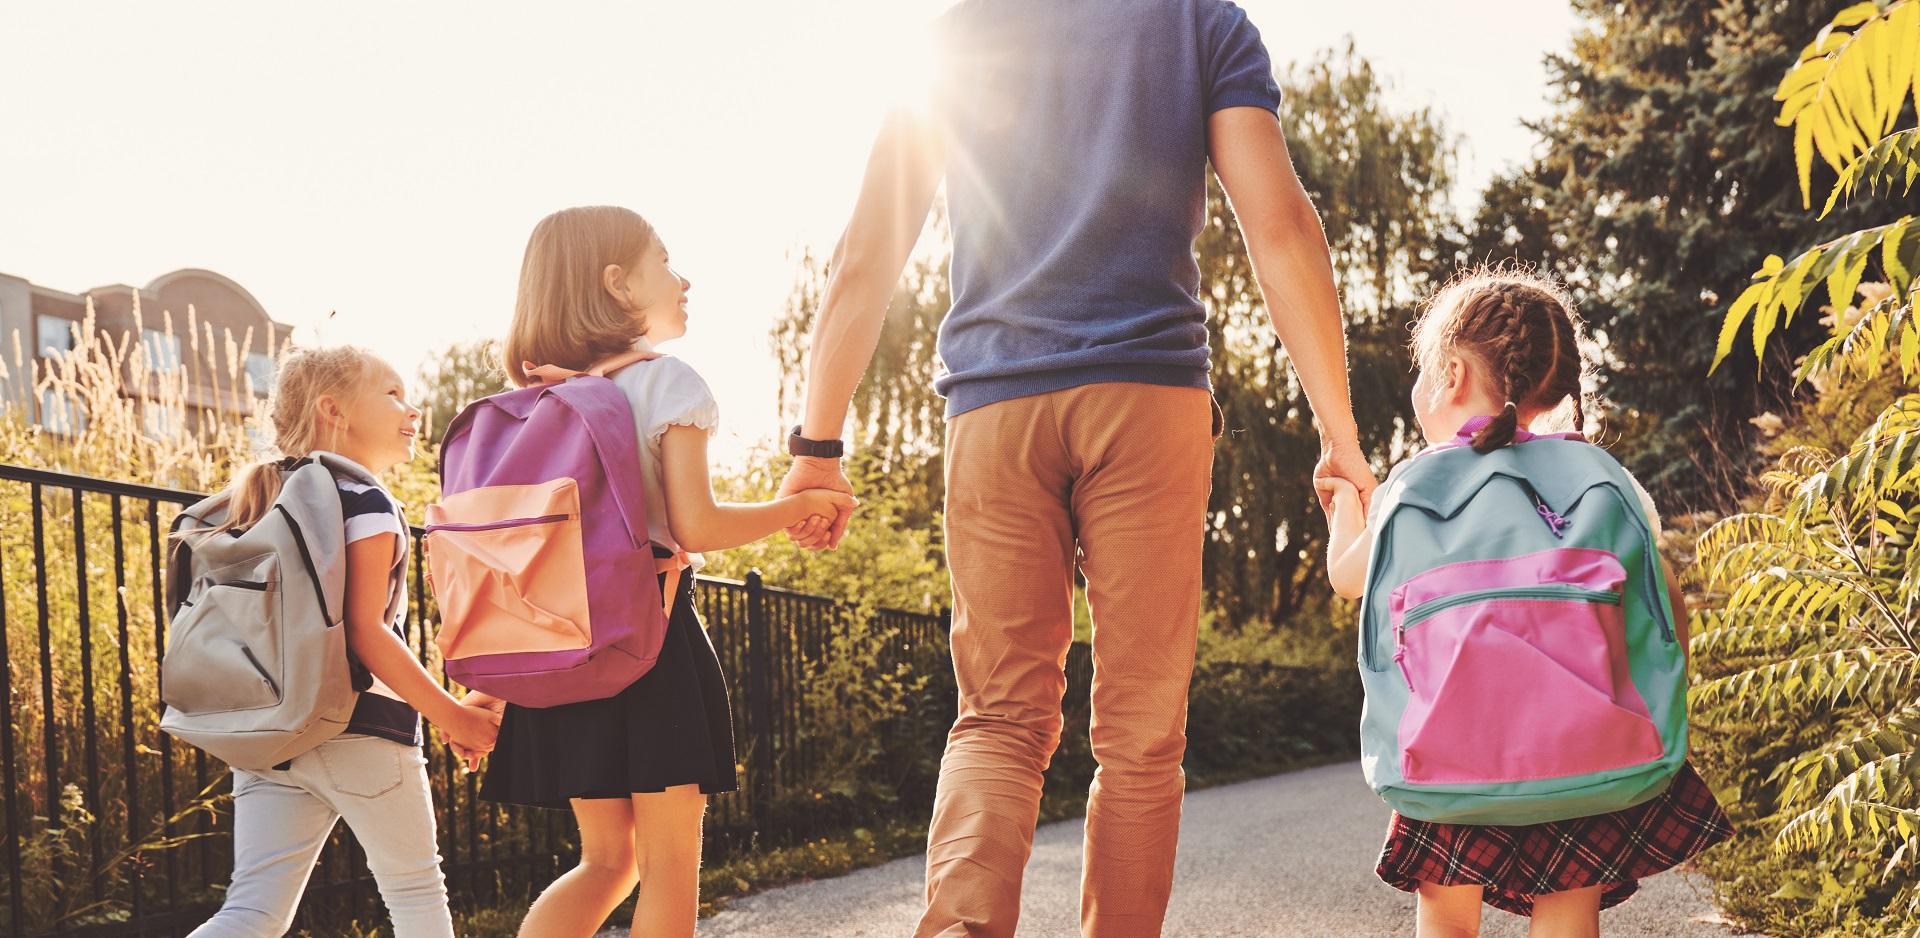 Gestione economica con i figli, basta organizzarsi